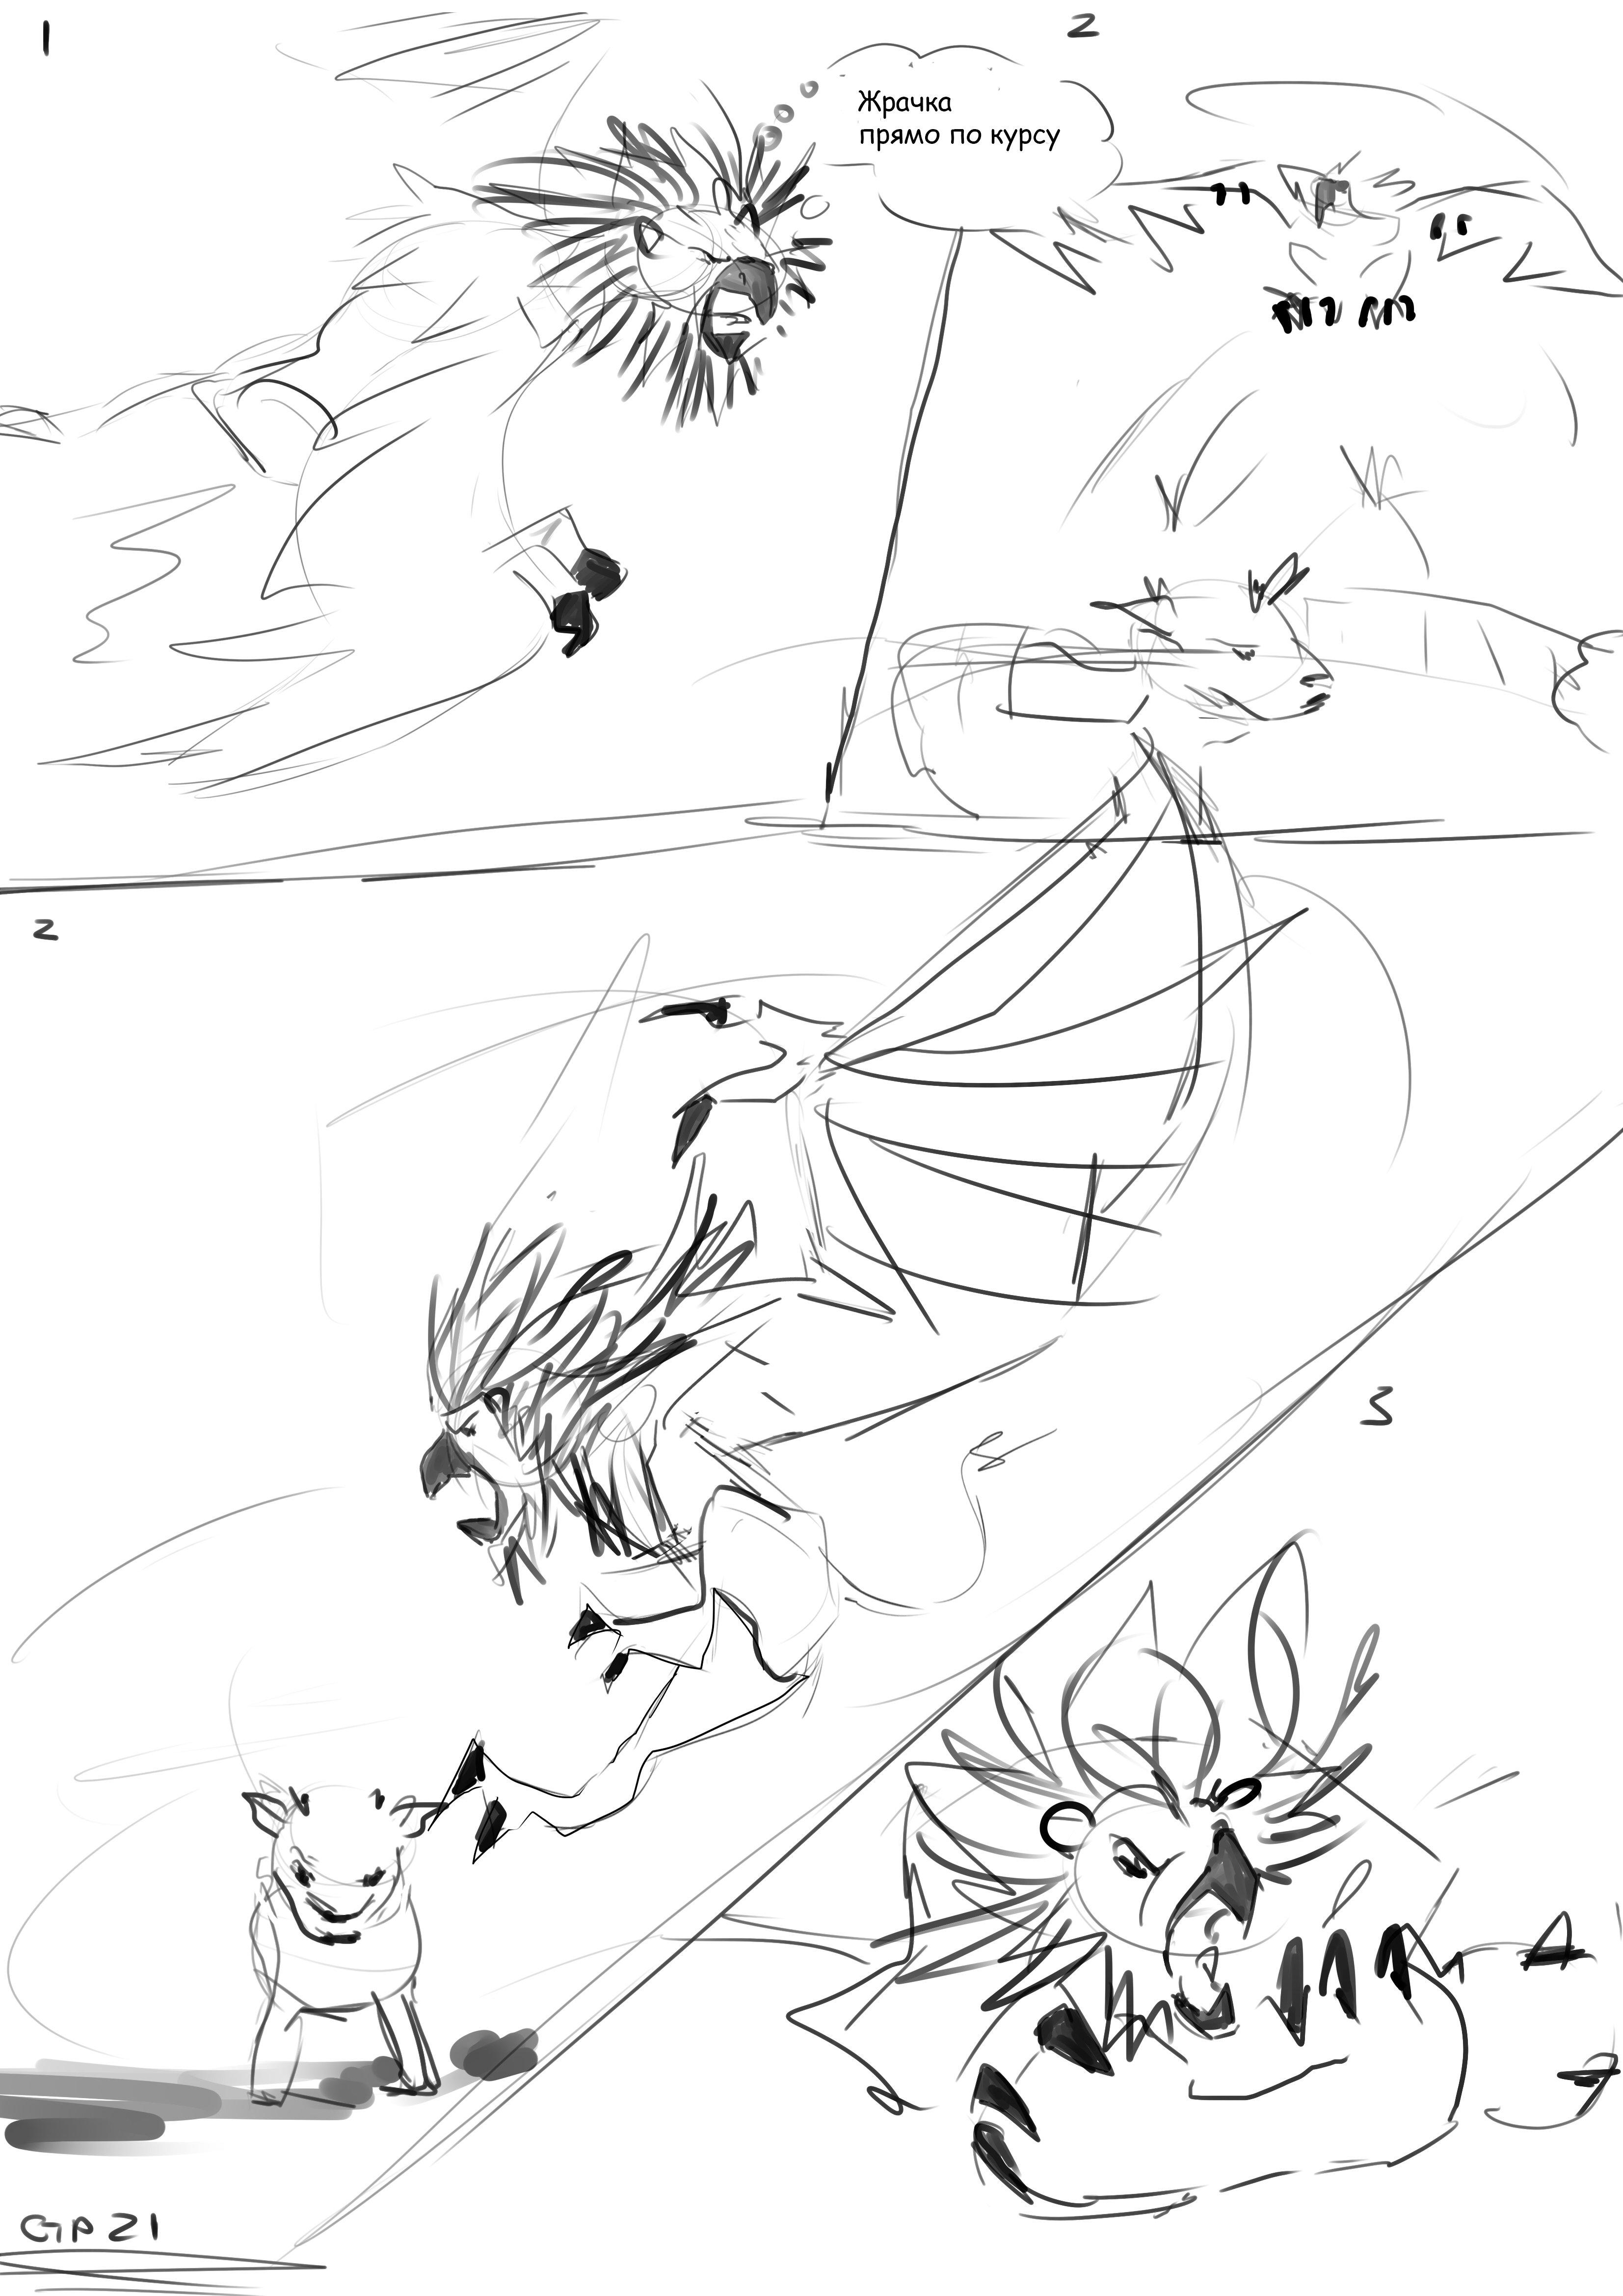 Как Геральт научил меня охотится (КОМИКС) - Изображение 21